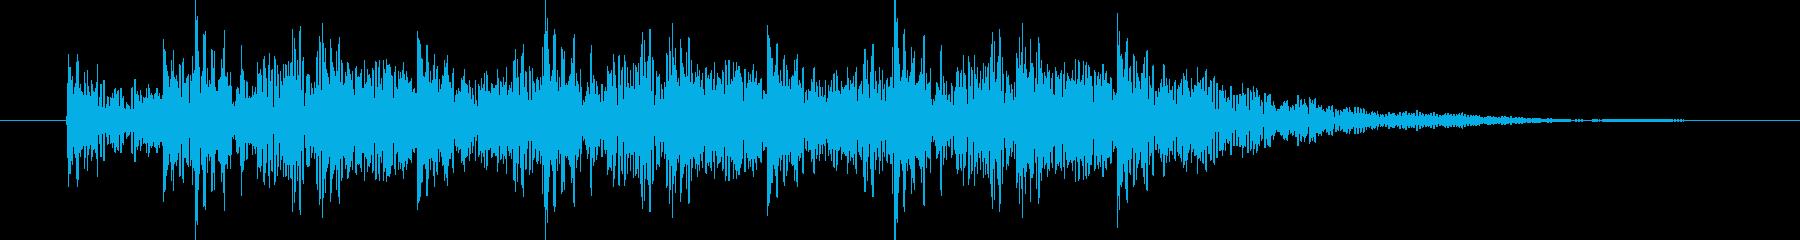 力強くリズミカルな和太鼓の音の再生済みの波形